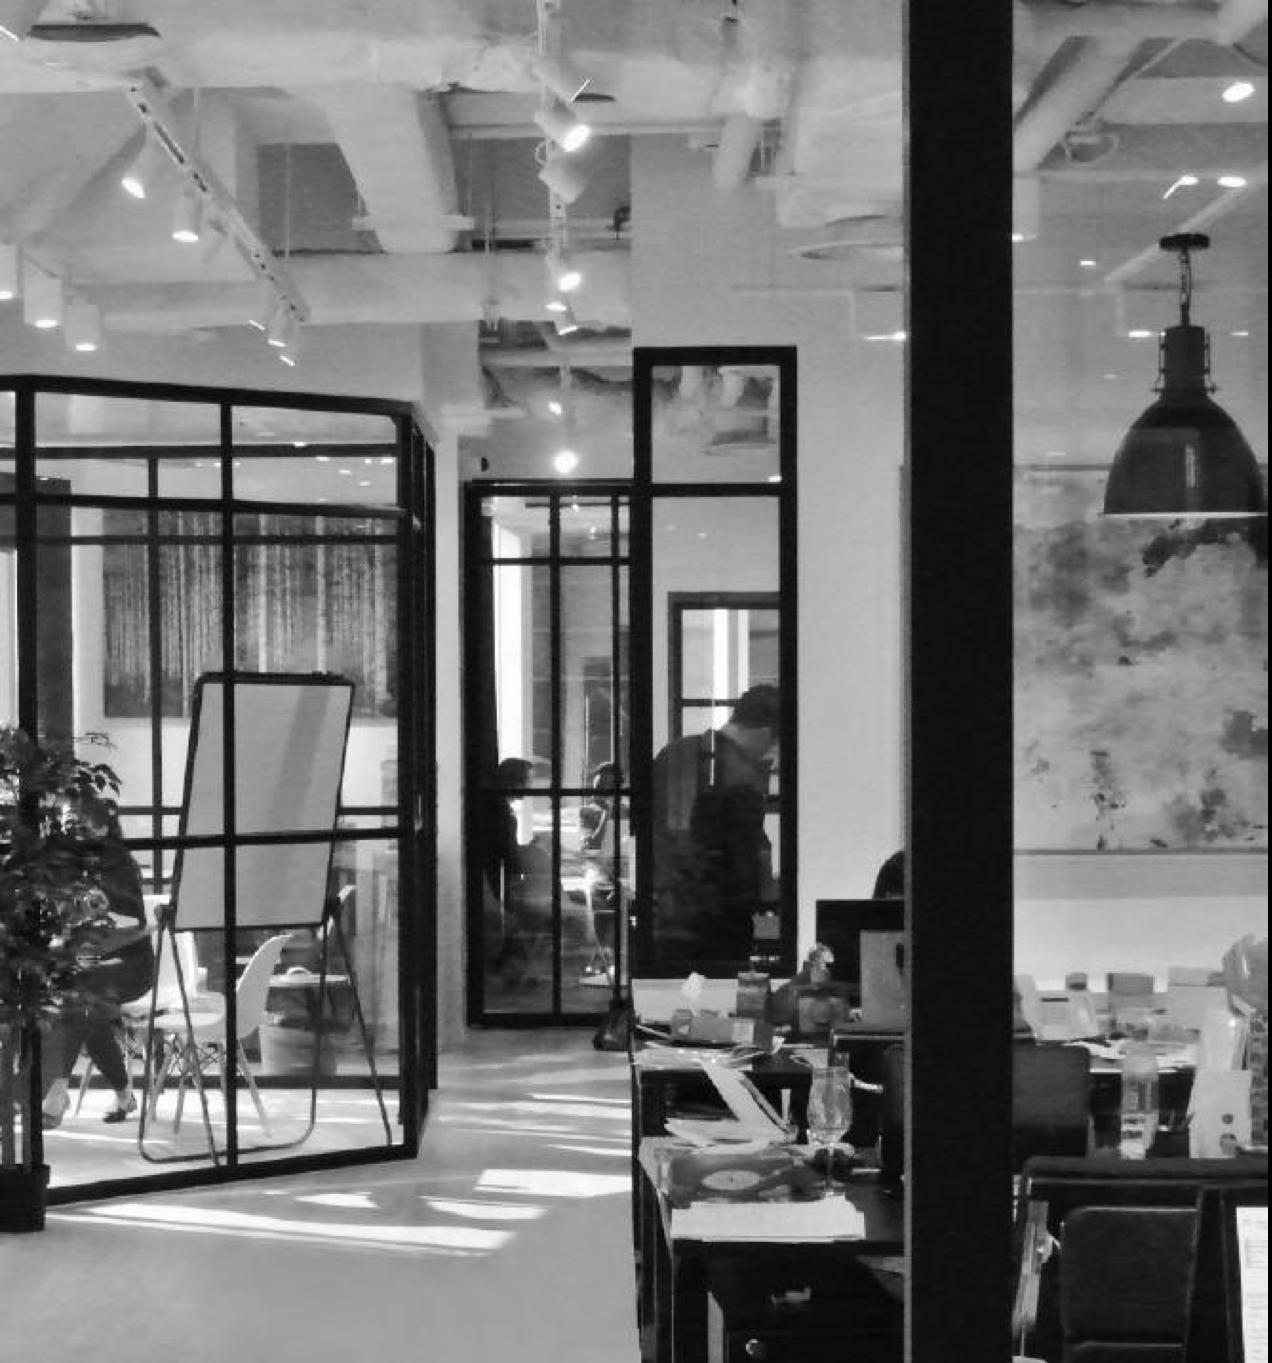 NOTRE HISTOIRE - ArtQube est une société internationale implantée à Hong Kong, Shanghai, Singapour et Paris.Nous proposons un service complet de conseil et d'approvisionnement en art pour des projets d'hôtels, de bureaux ou résidentiels. Nous créons des œuvres sur-mesure pour répondre aux besoins des architectes d'intérieur et décorateurs en tenant compte des contraintes esthétiques et budgétaires.Depuis sa création en 2013, ArtQube a construit un réseau sans précédent d'ateliers, de galeries, d'artisans, d'artistes et de designers, maîtrisant ainsi la totalité de la chaîne de valeur: de la conception à la création et la réalisation.